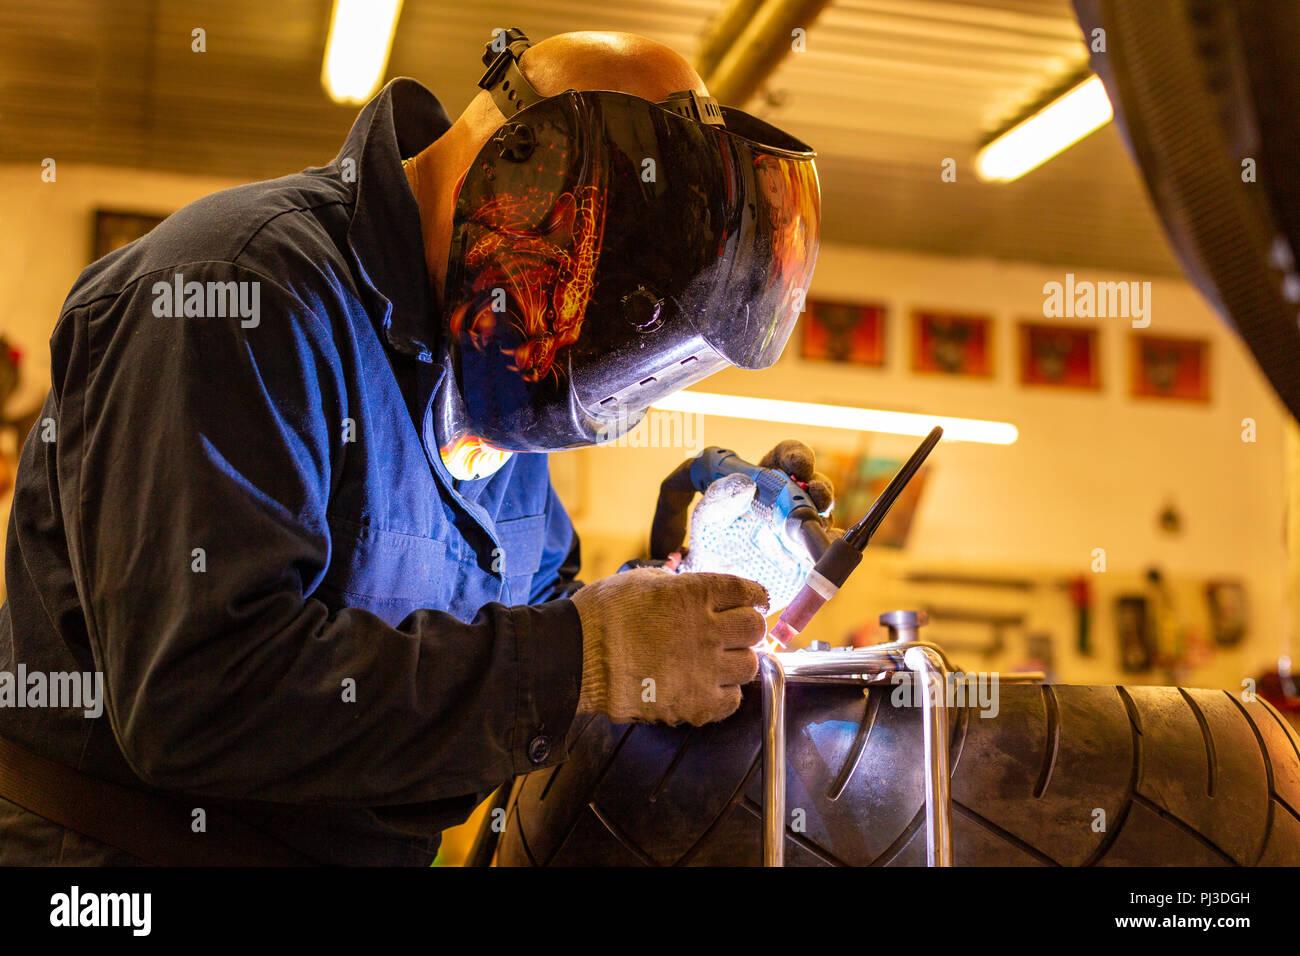 Mecánico de automóviles profesionales que trabajan en el servicio de reparación de automóviles en máquina de corte de gas argón Imagen De Stock